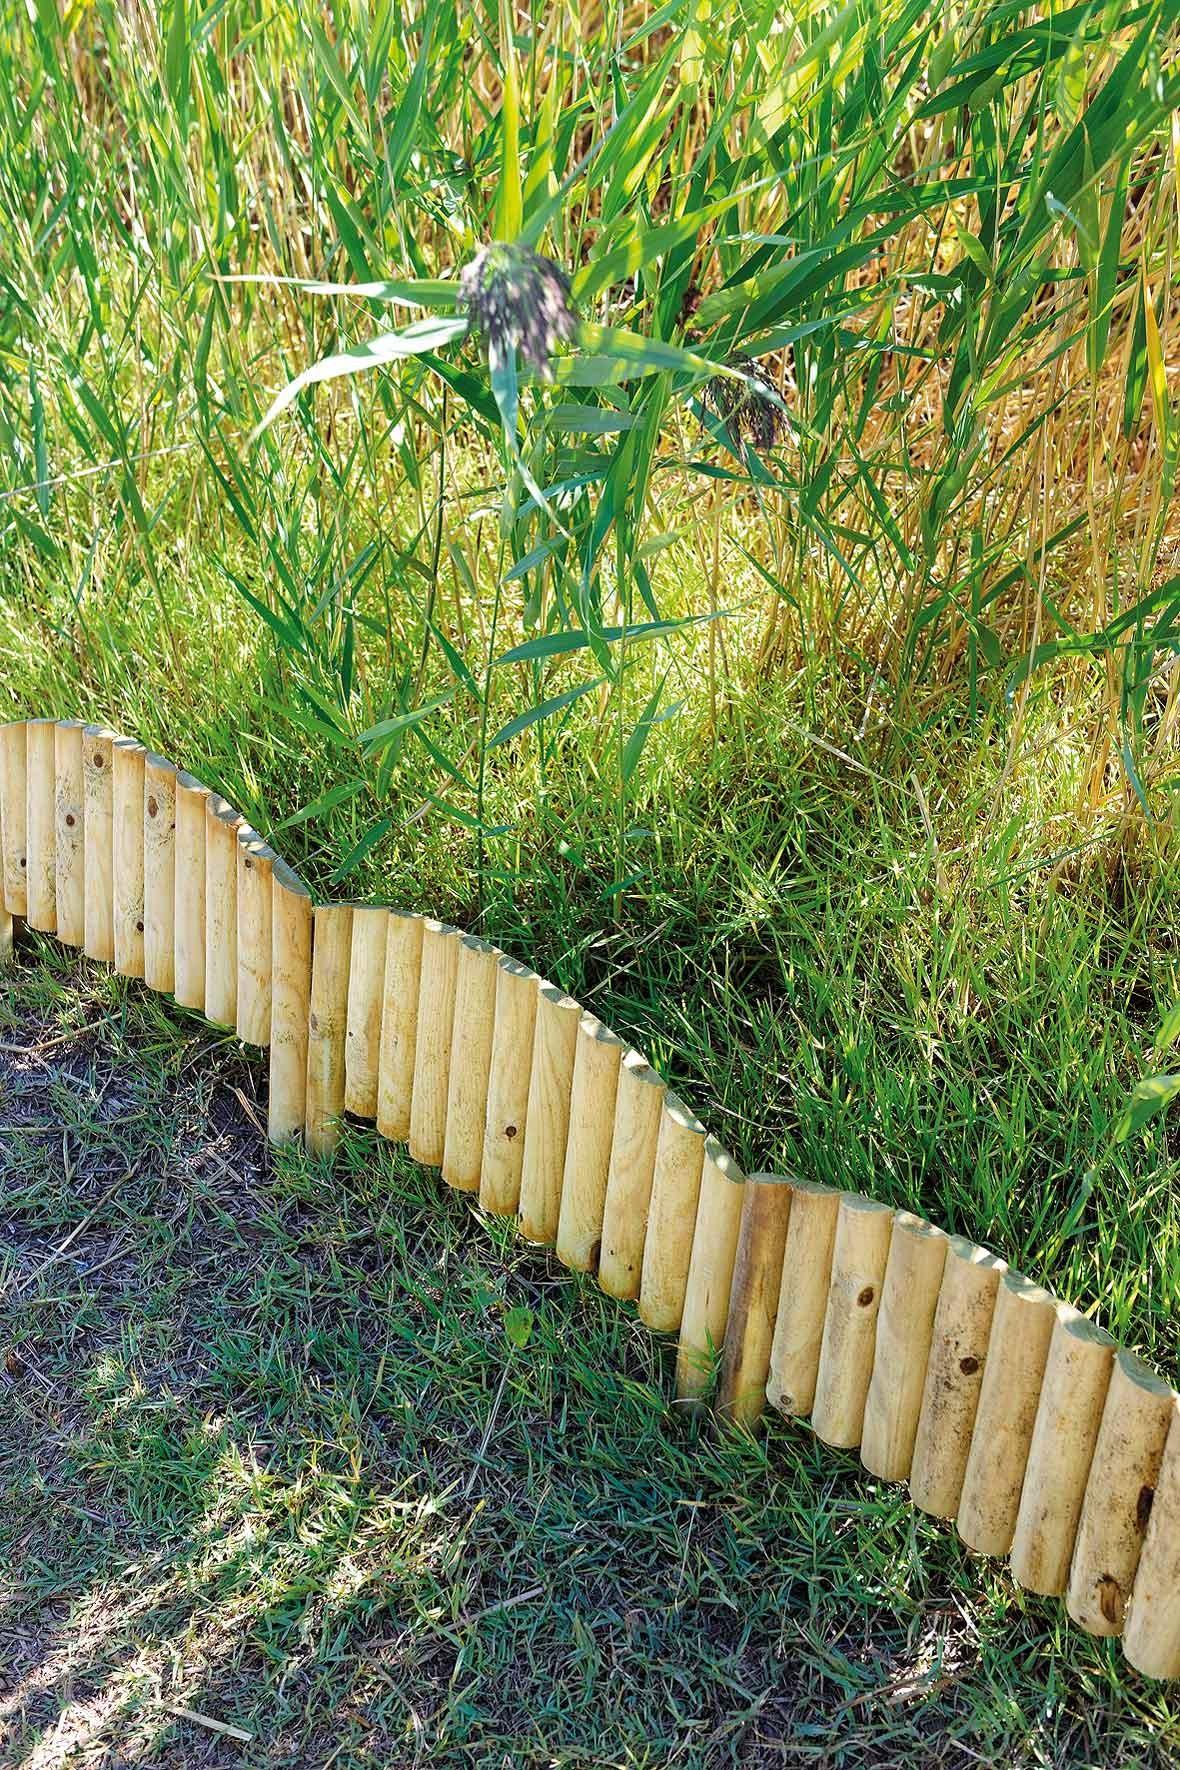 Bordure De Jardin En Bois À Planter Arc 55 X 2,5 X 40 Cm intérieur Bordures Bois Jardin